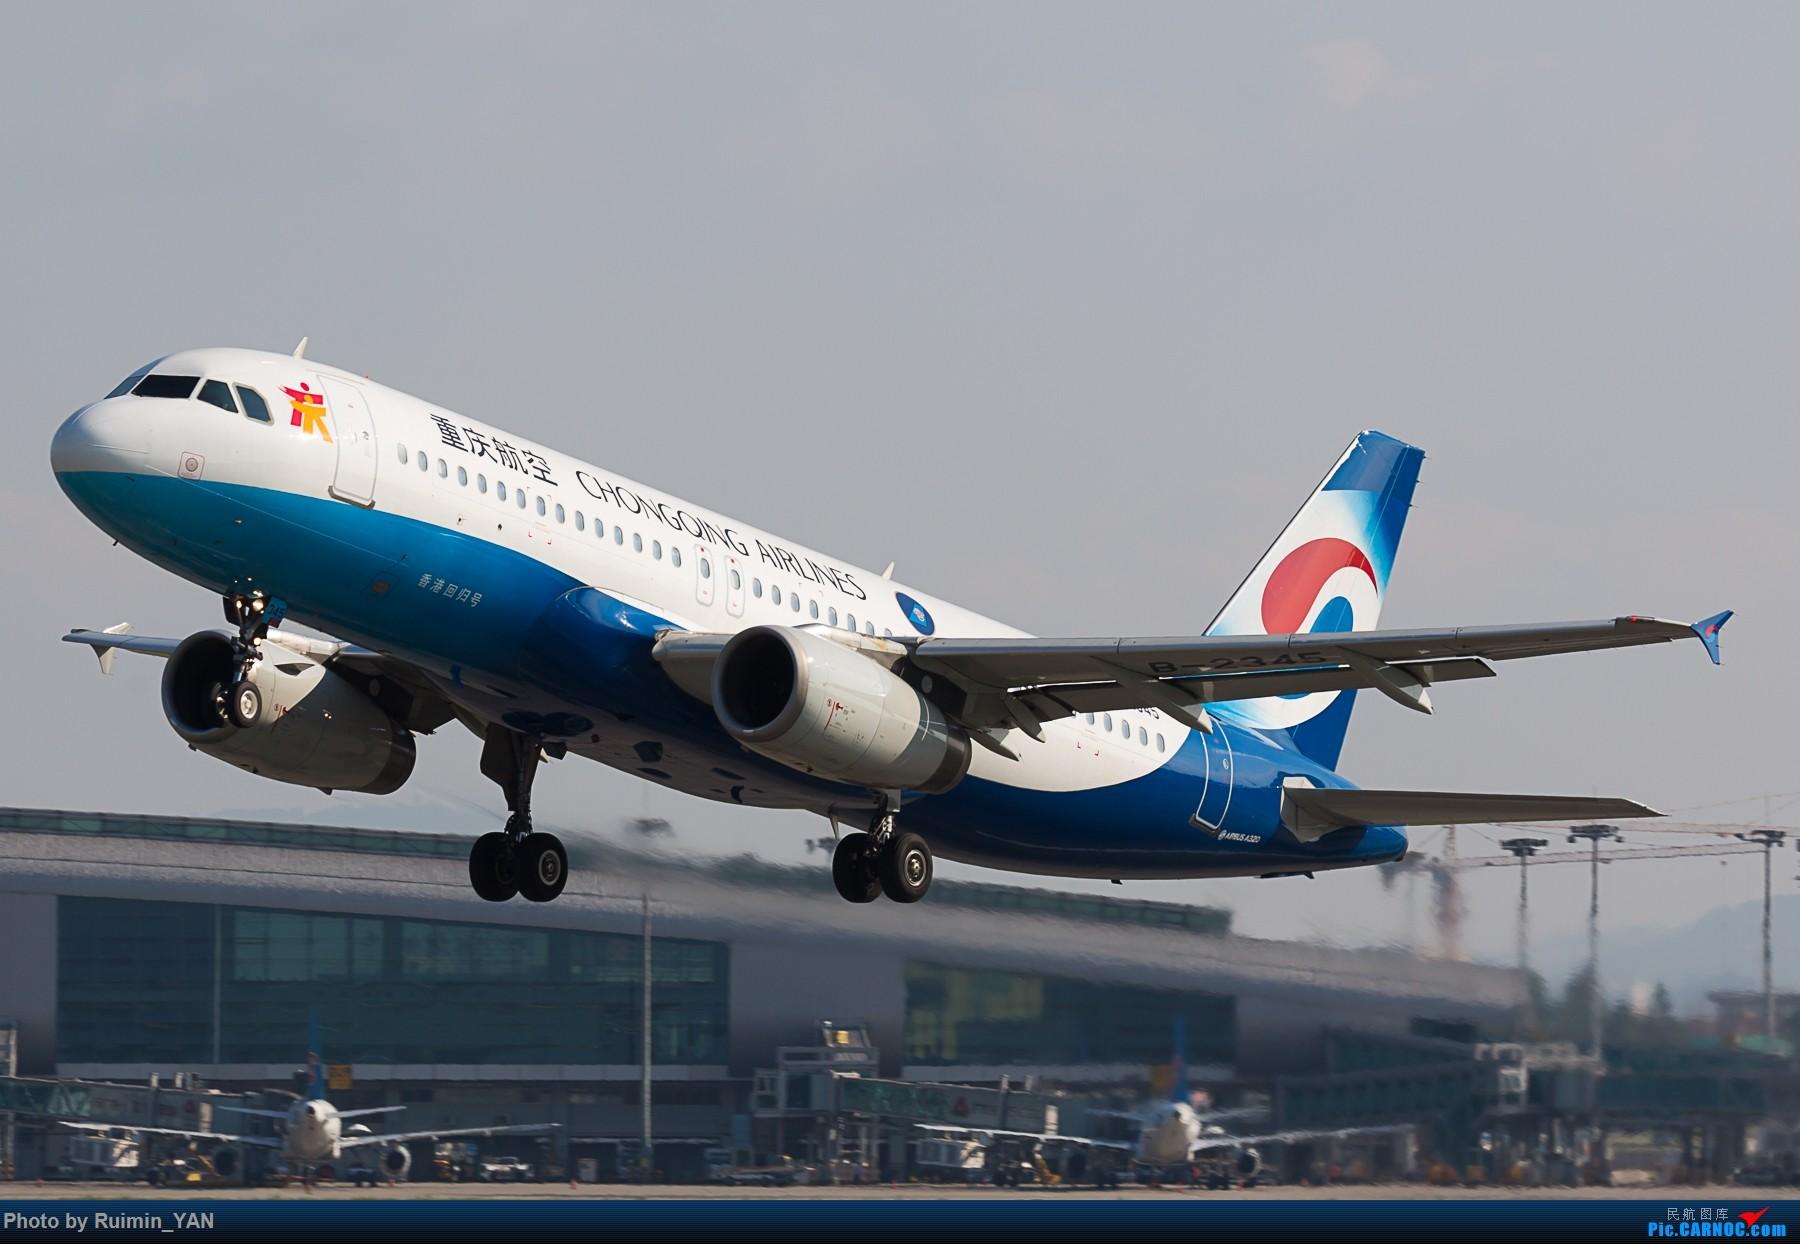 [原创]【CAN】【彩绘】重庆航空(OQ) 香港回归号 B-2345 A320 AIRBUS A320-200 B-2345 中国广州白云国际机场